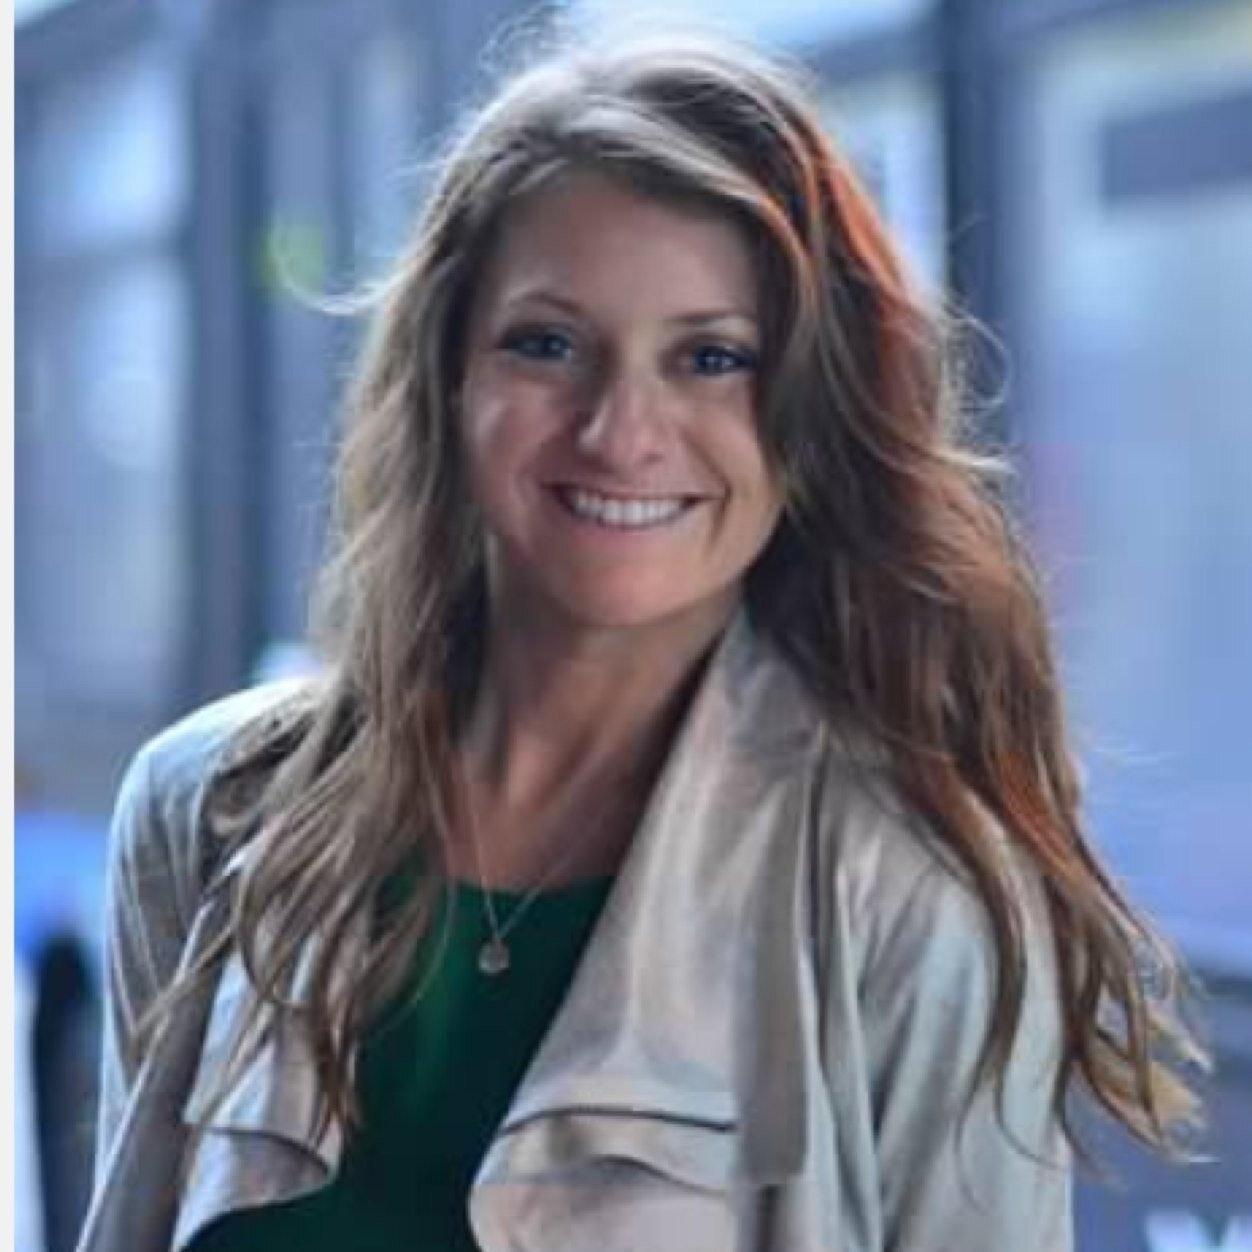 Jenna Weinerman